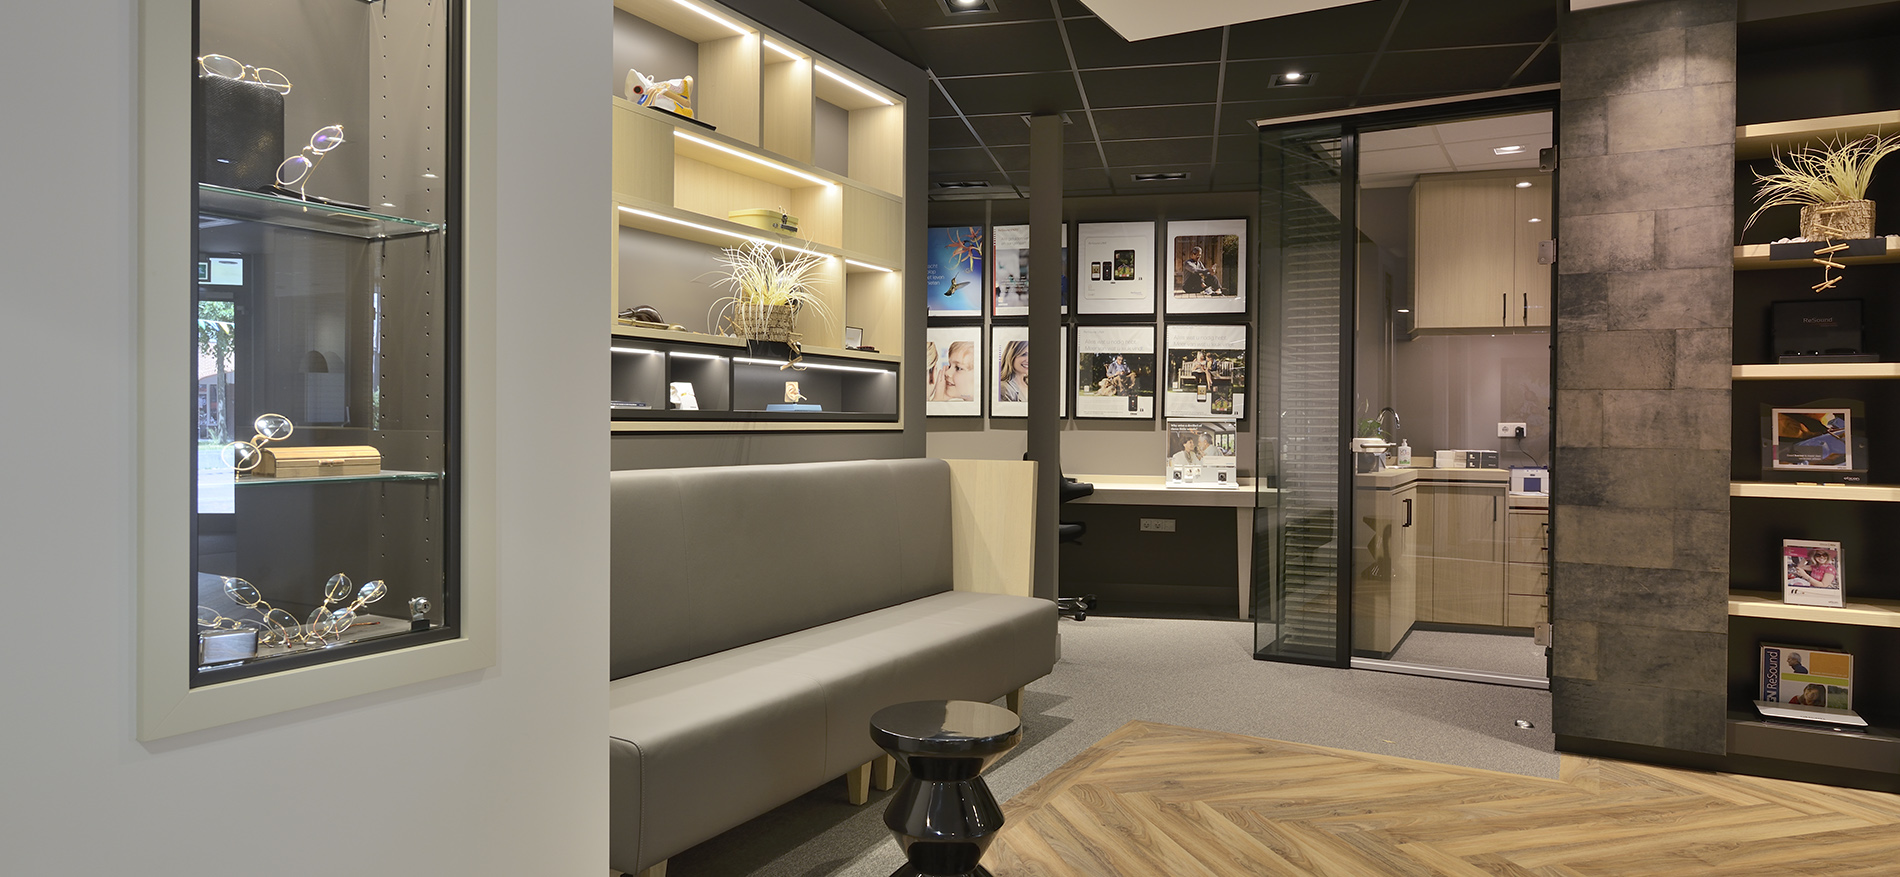 Winkelinrichting audiciens ontwerp interieur hoorwinkel for Kapsalon interieur te koop